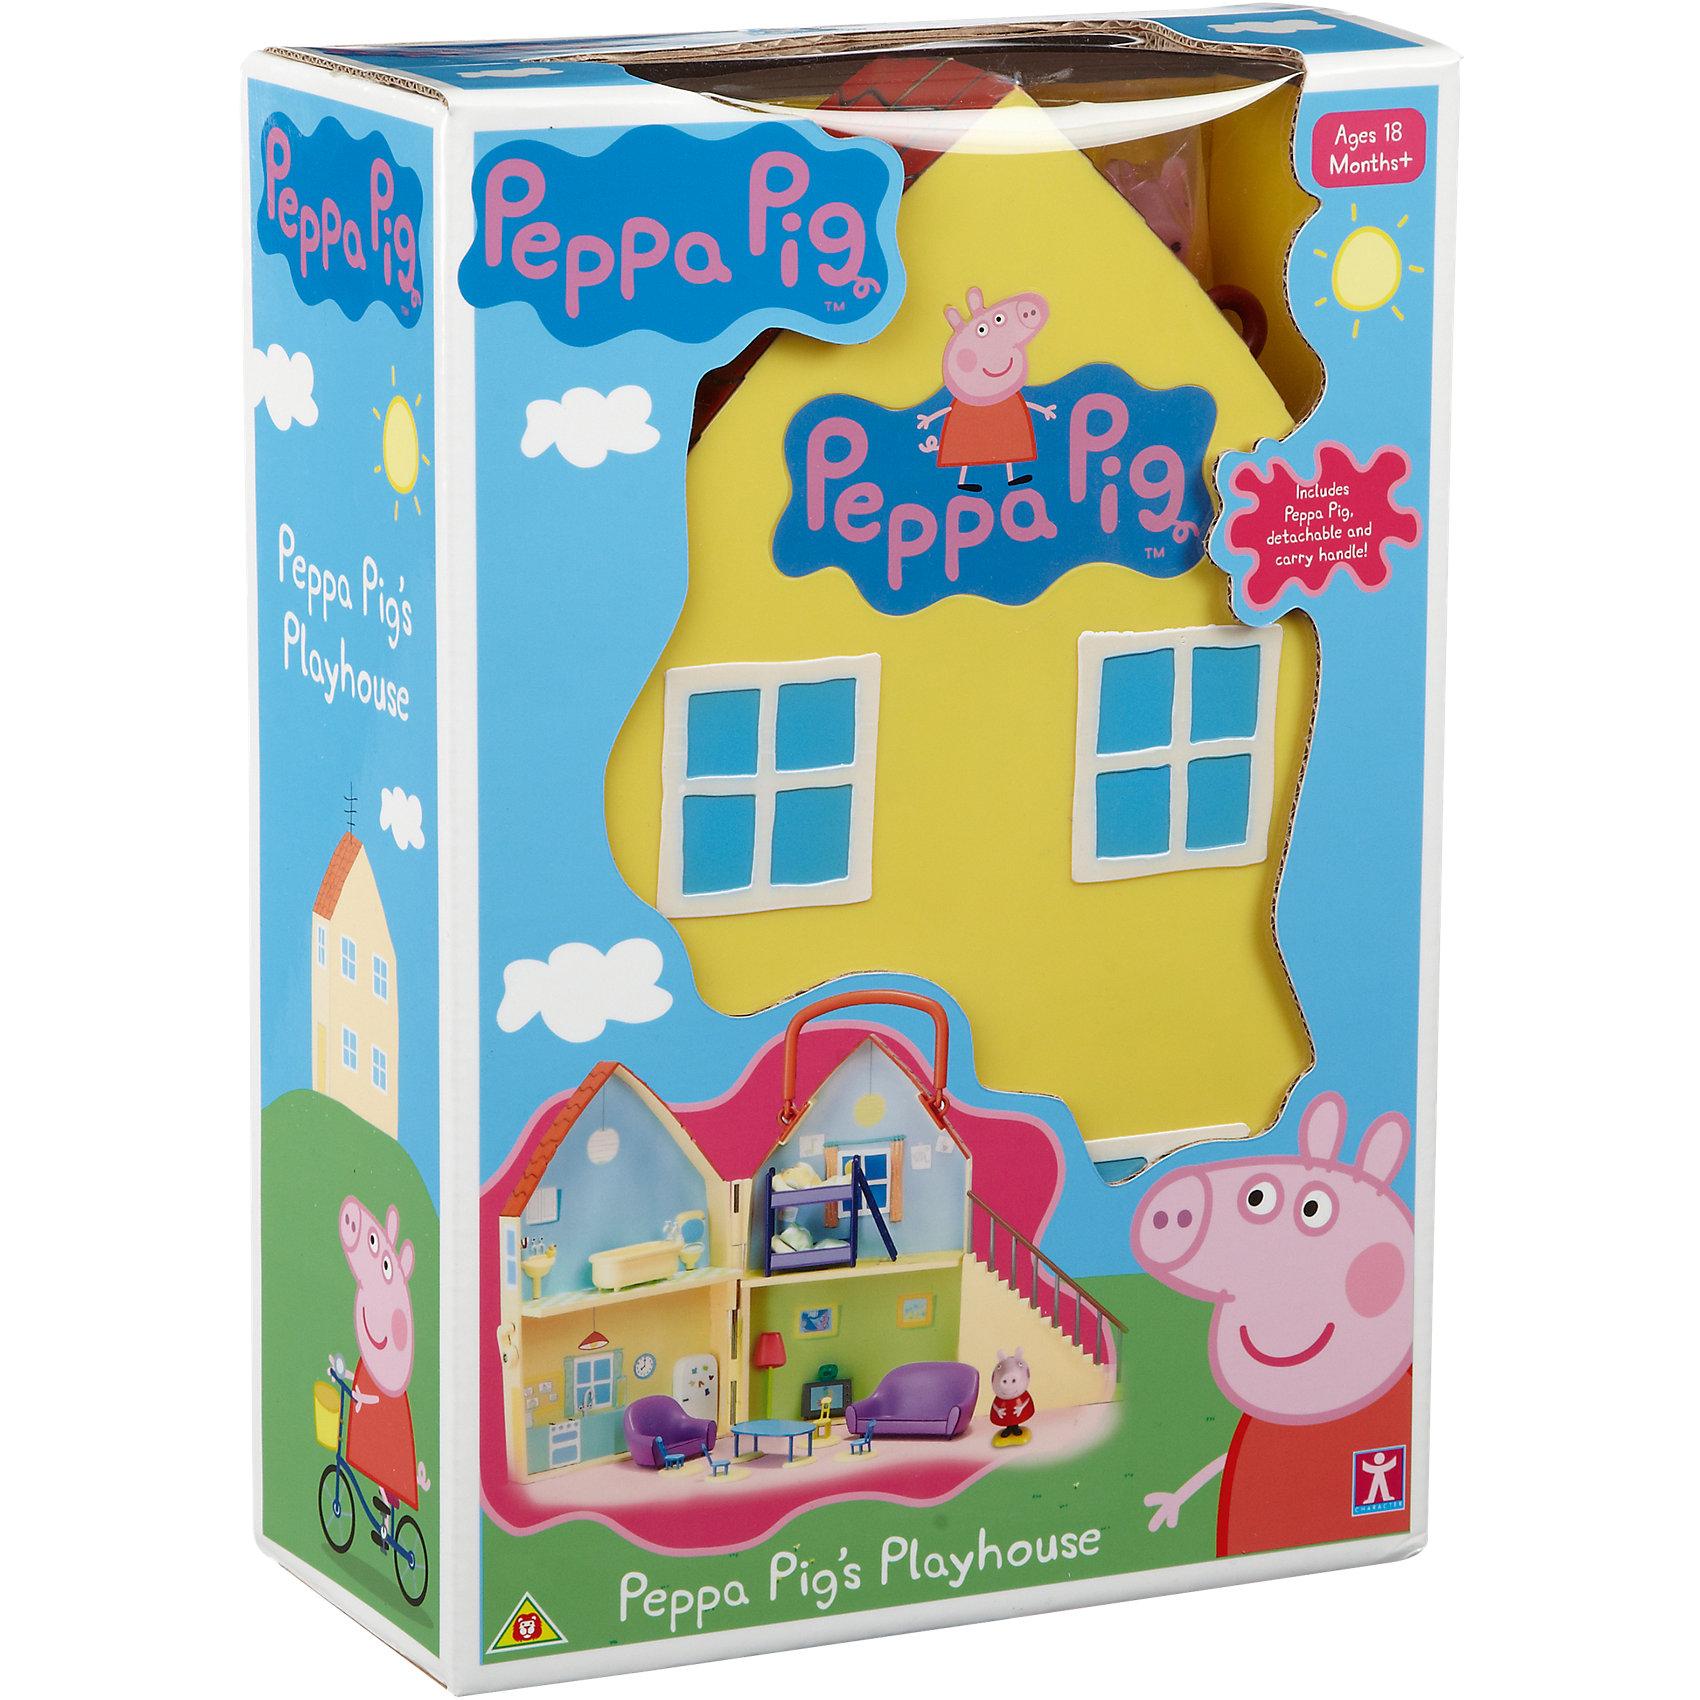 Игровой набор Дом Пеппы, Свинка ПеппаИгрушечные домики и замки<br>Игровой  набор Дом Пеппы, Свинка Пеппа<br><br>Коллекция игрушек Peppa Pig создана на основе мультипликационного фильма про веселые приключения Свинки  Пеппы и ее семьи и друзей.<br><br>В наборе: <br>- фигурка Пеппы, <br>- домик,<br>- 4 стула, <br>- овальный стол,<br>- ванна и кровать,<br>- телевизор, кресло, диван.<br><br> Упаковка - коробка.<br><br>Игровой  набор Дом Пеппы, Свинка Пеппа можно купить в нашем интернет - магазине.<br><br>Ширина мм: 323<br>Глубина мм: 225<br>Высота мм: 106<br>Вес г: 947<br>Возраст от месяцев: 36<br>Возраст до месяцев: 60<br>Пол: Женский<br>Возраст: Детский<br>SKU: 3458421